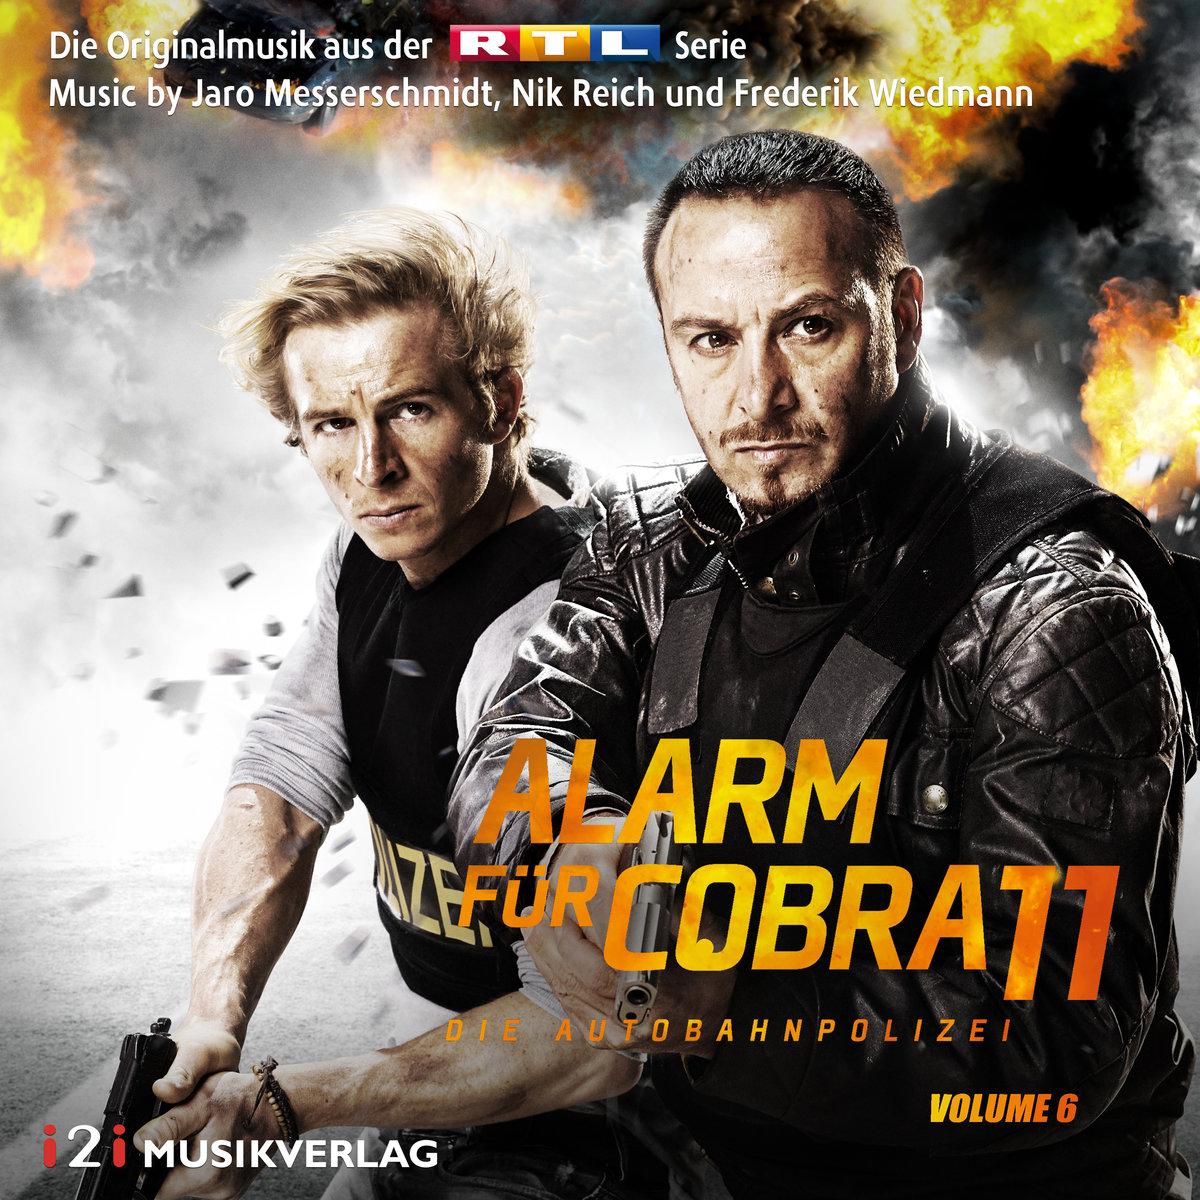 Alarm Für Cobra 11 In Der Schusslinie